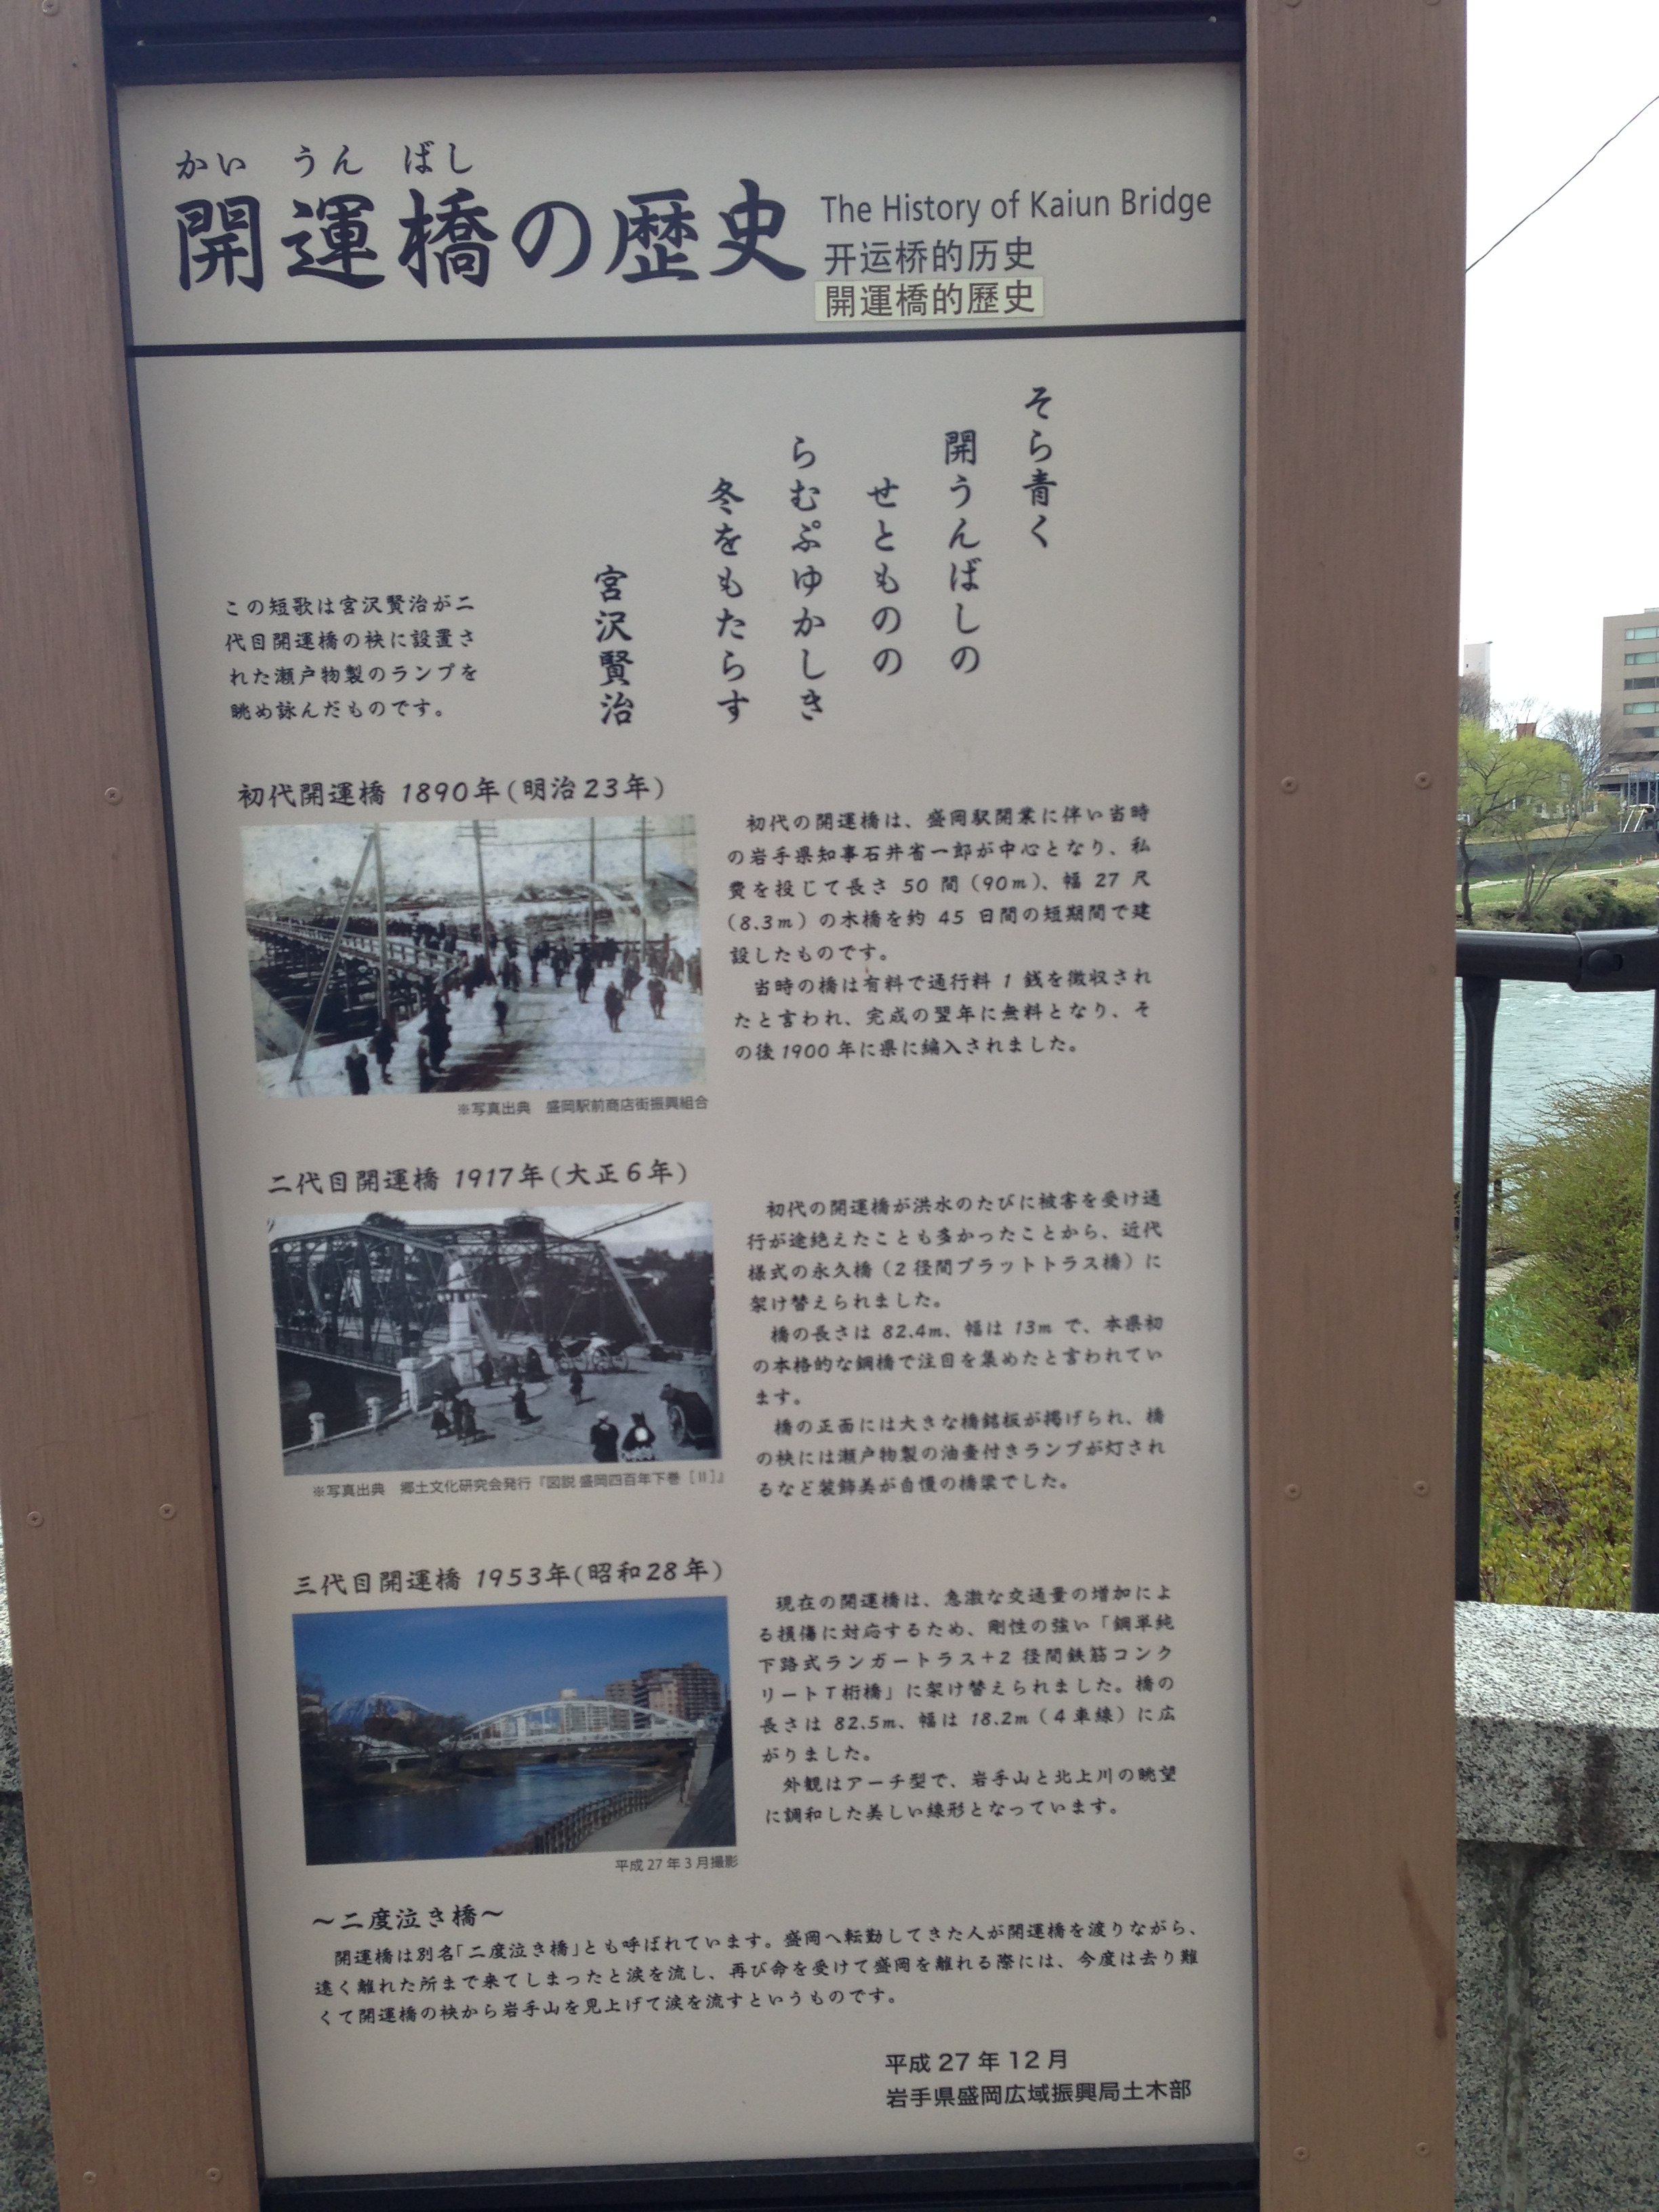 橋の北東のたもとに案内板が建っていました。賢治の短歌も書いてあります。